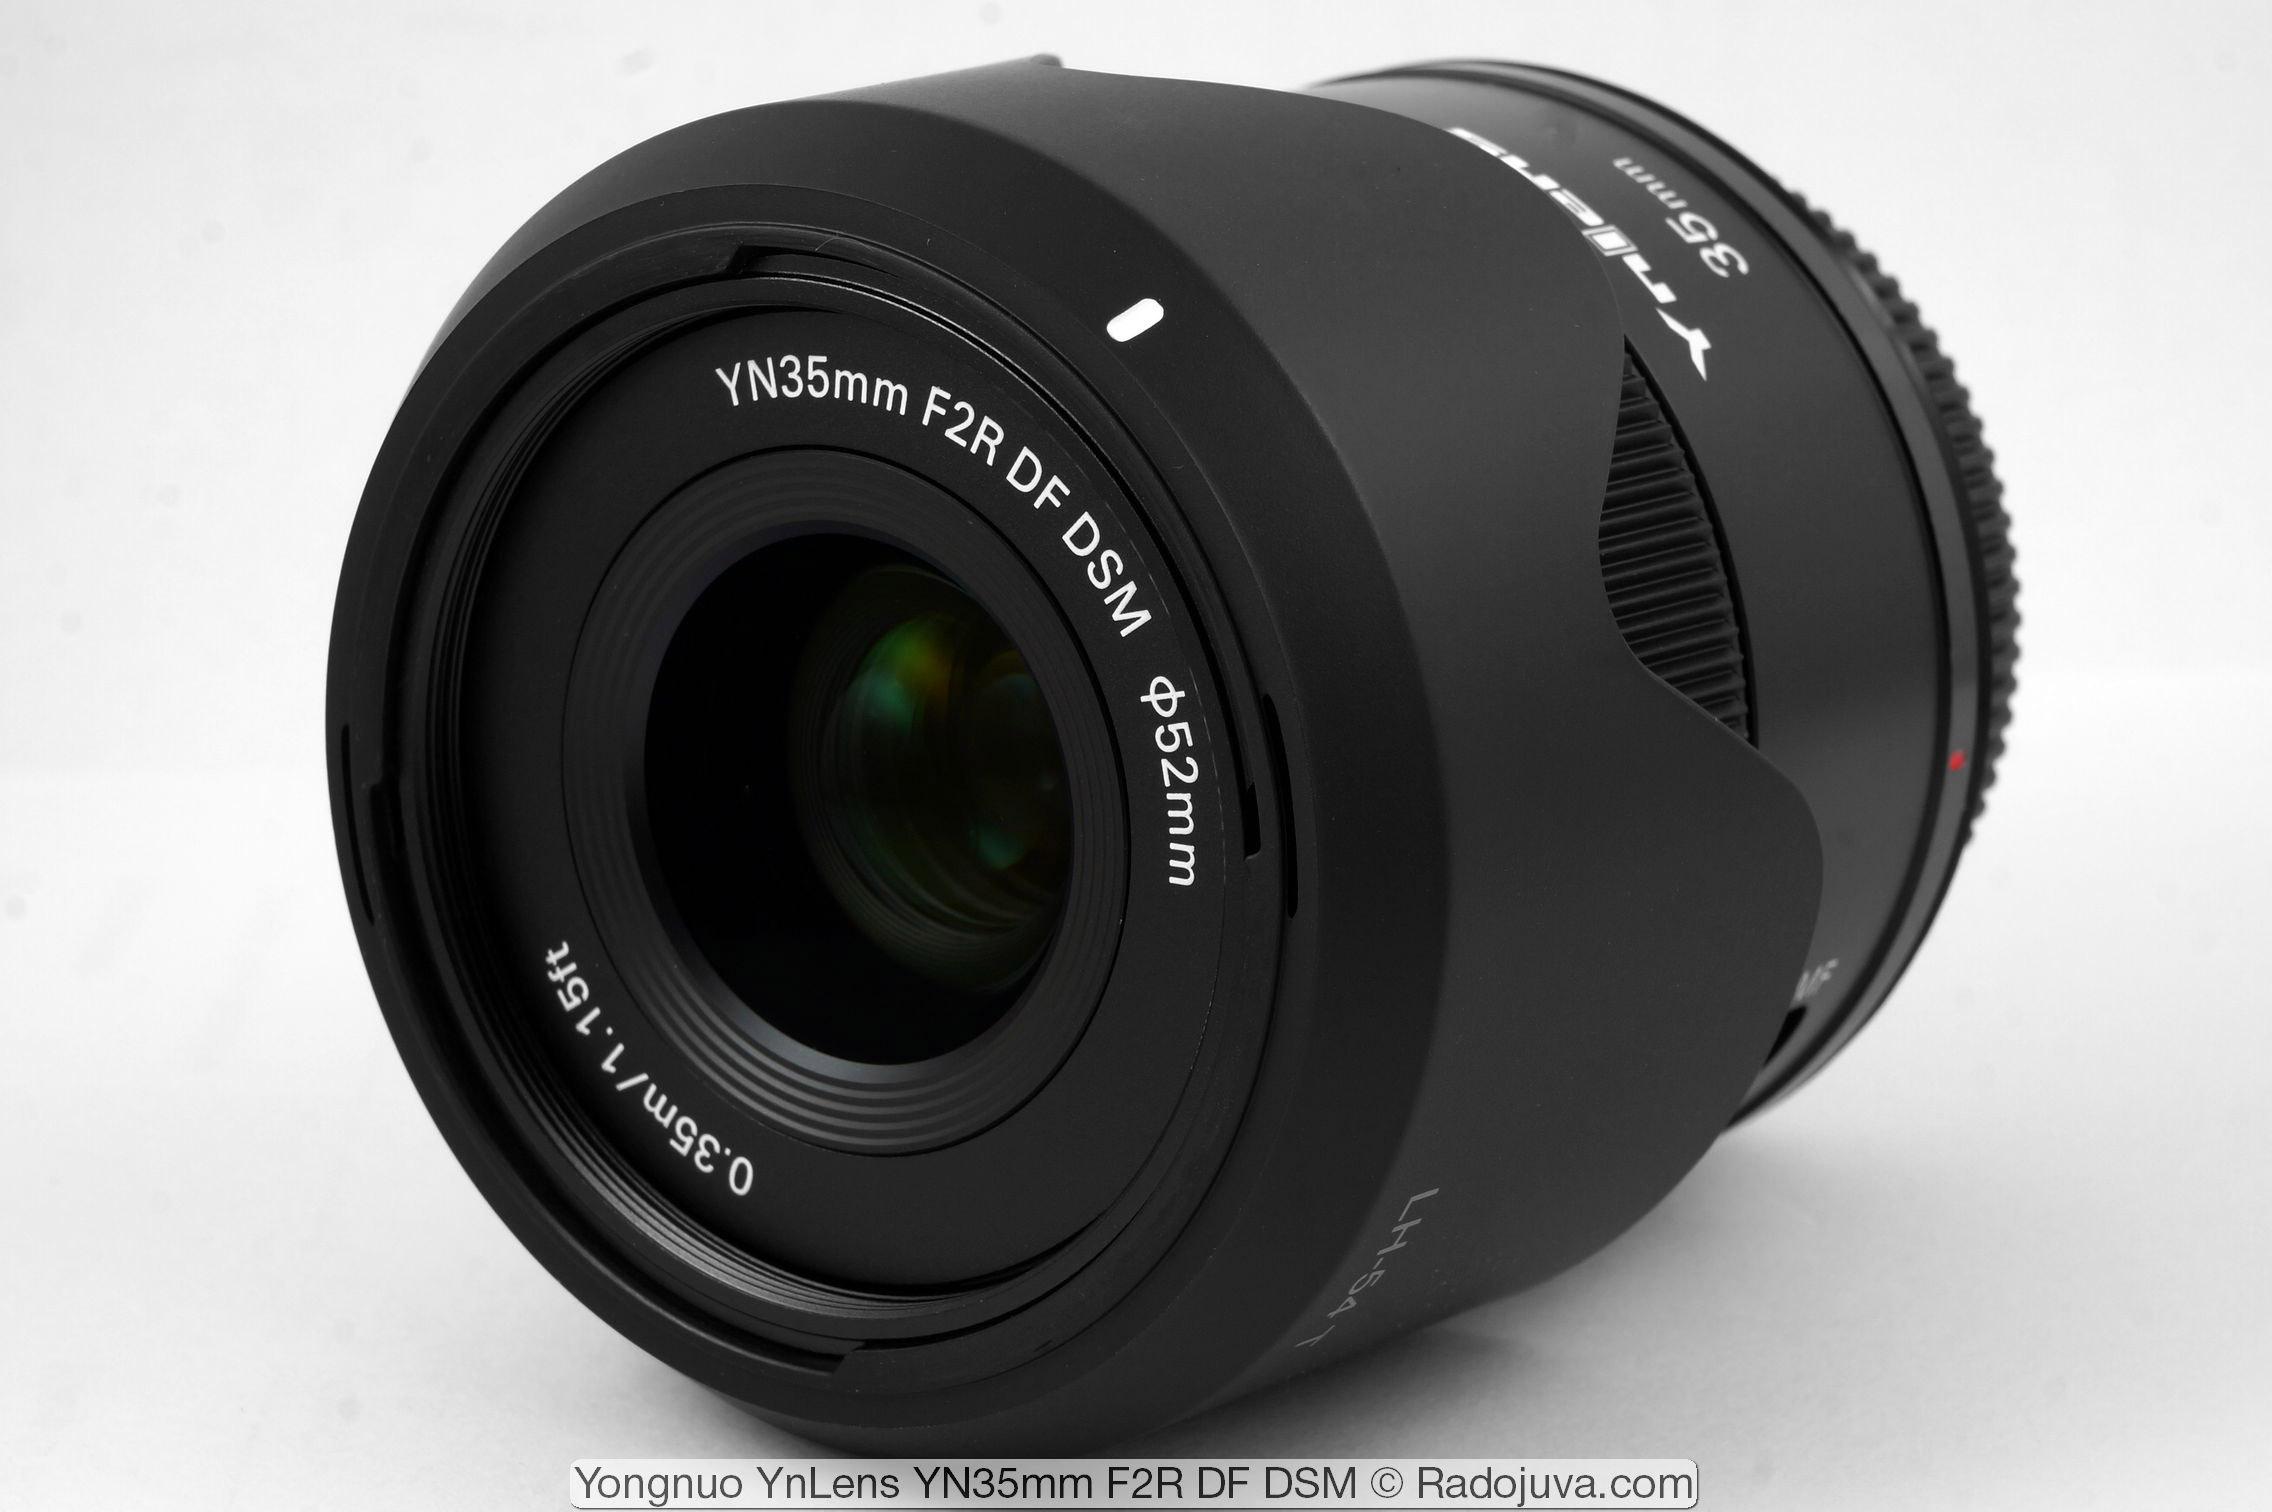 Yongnuo YnLens YN35mm F2R DF DSM